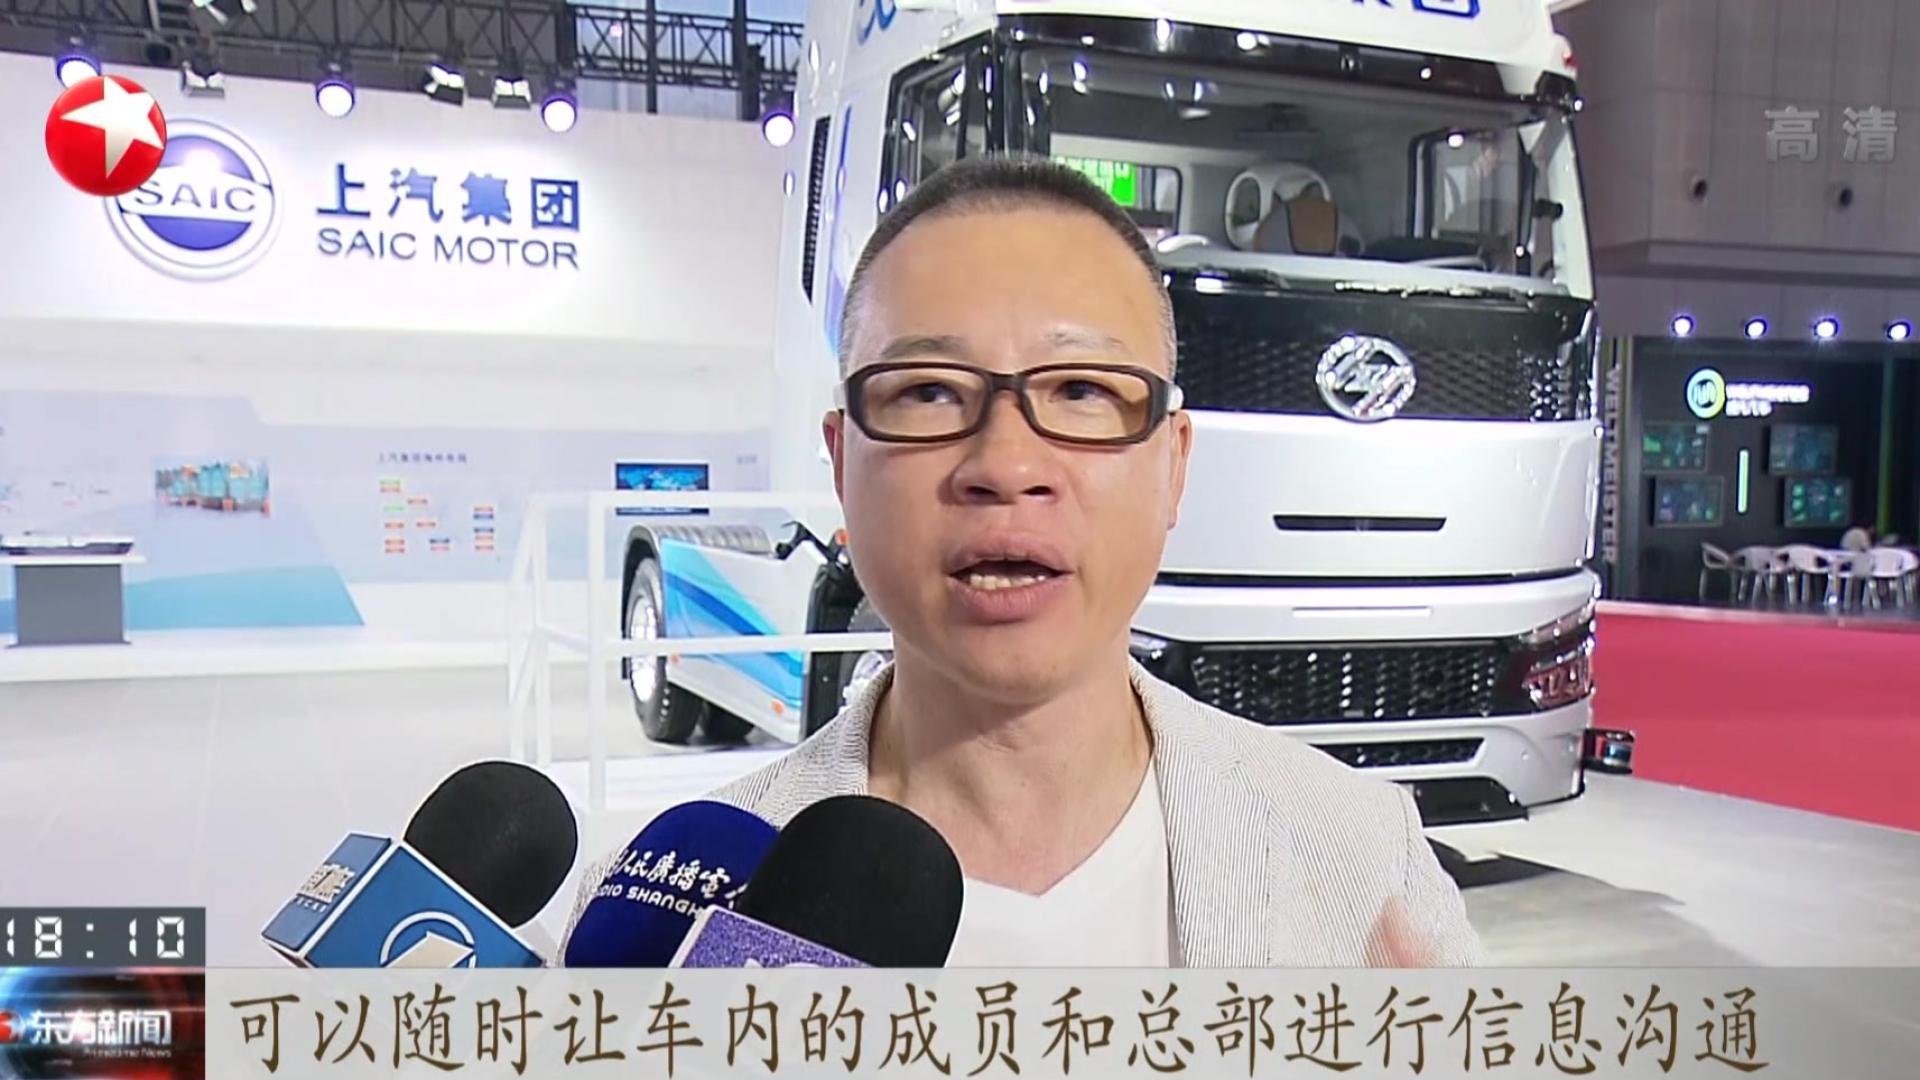 第21届中国国际工业博览会今天开幕:上汽集团带来旗下多款产品